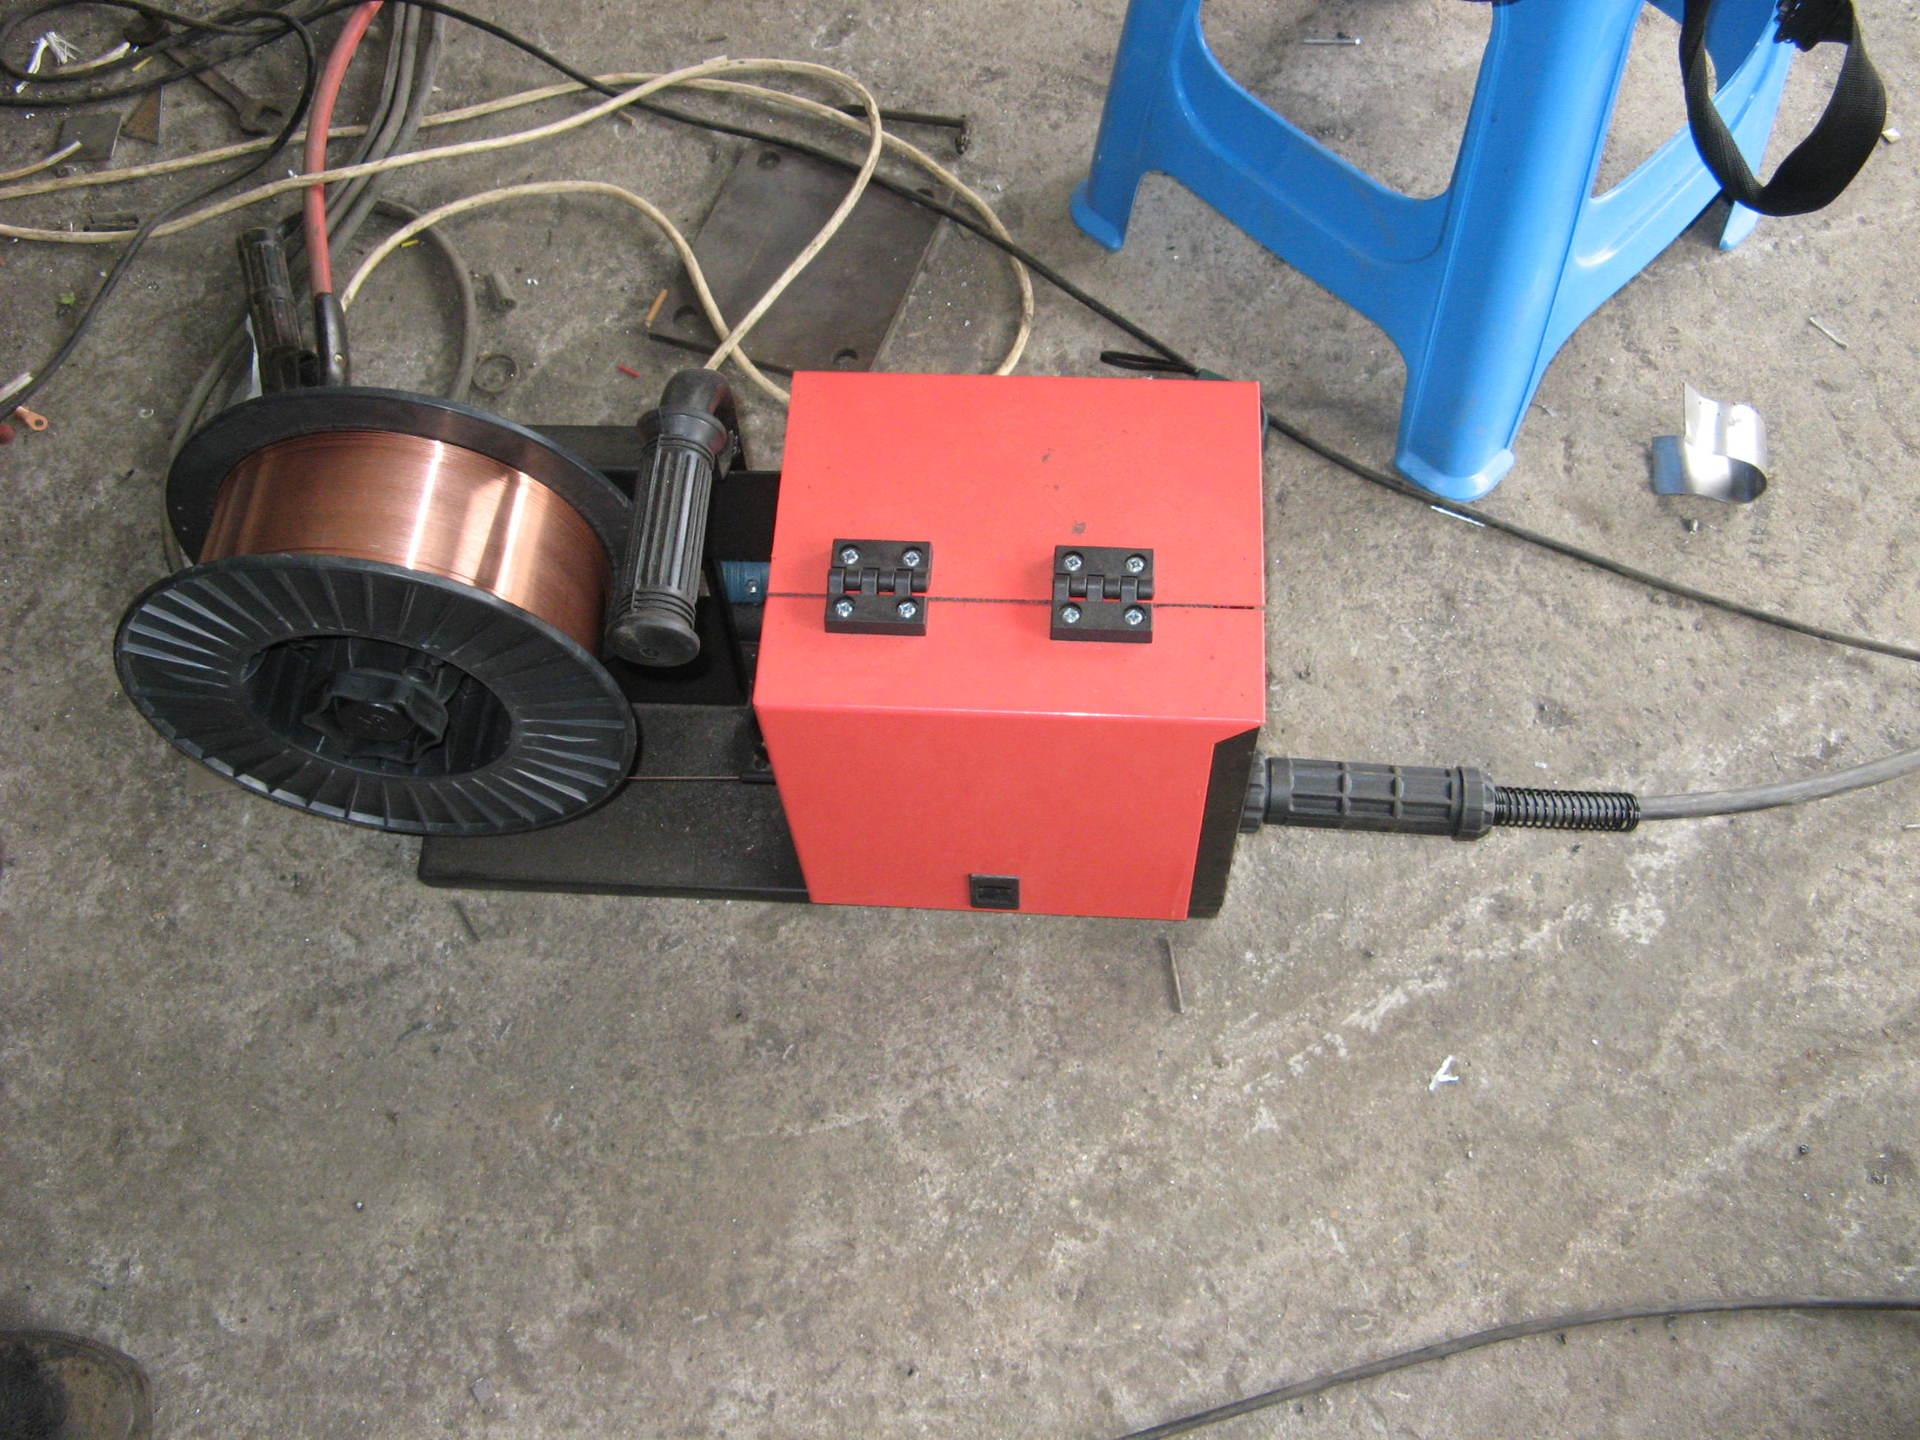 【常州加工电焊气保焊加工】图片,厂家,外阴,焊如何用苏打水冲洗价格图片